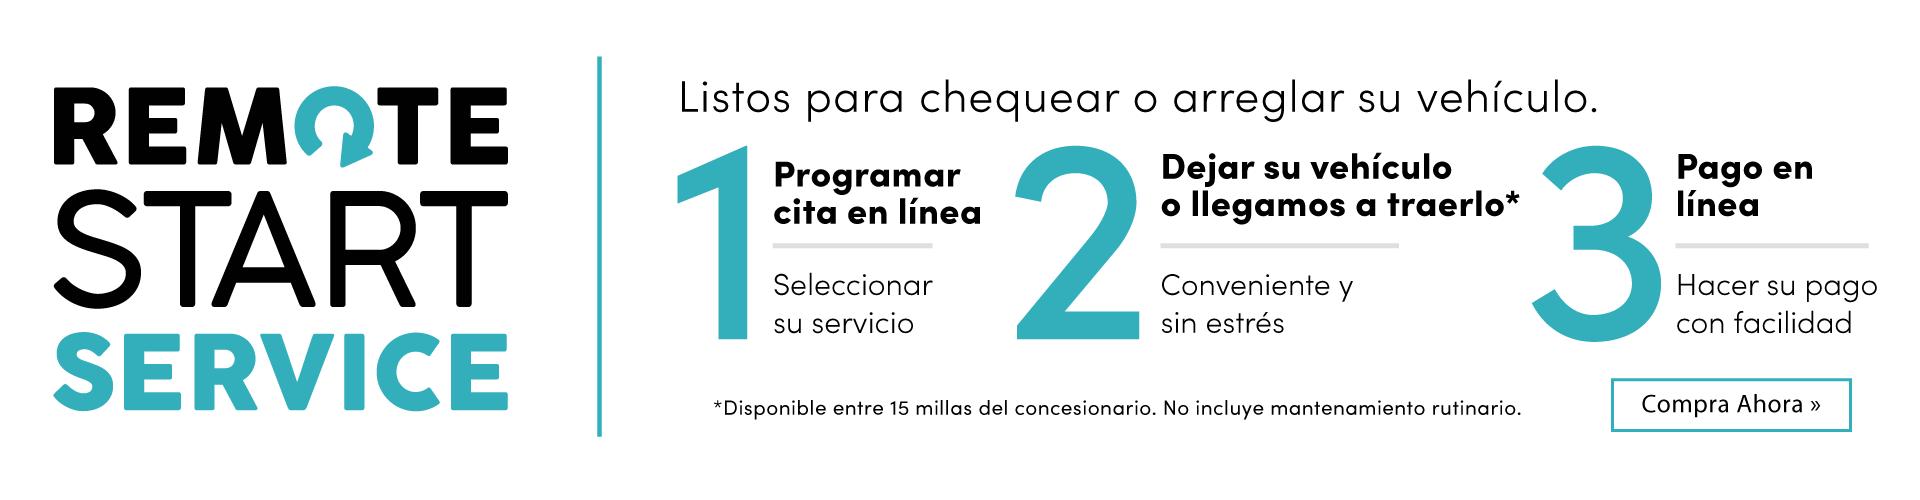 Remote start spanish service banner